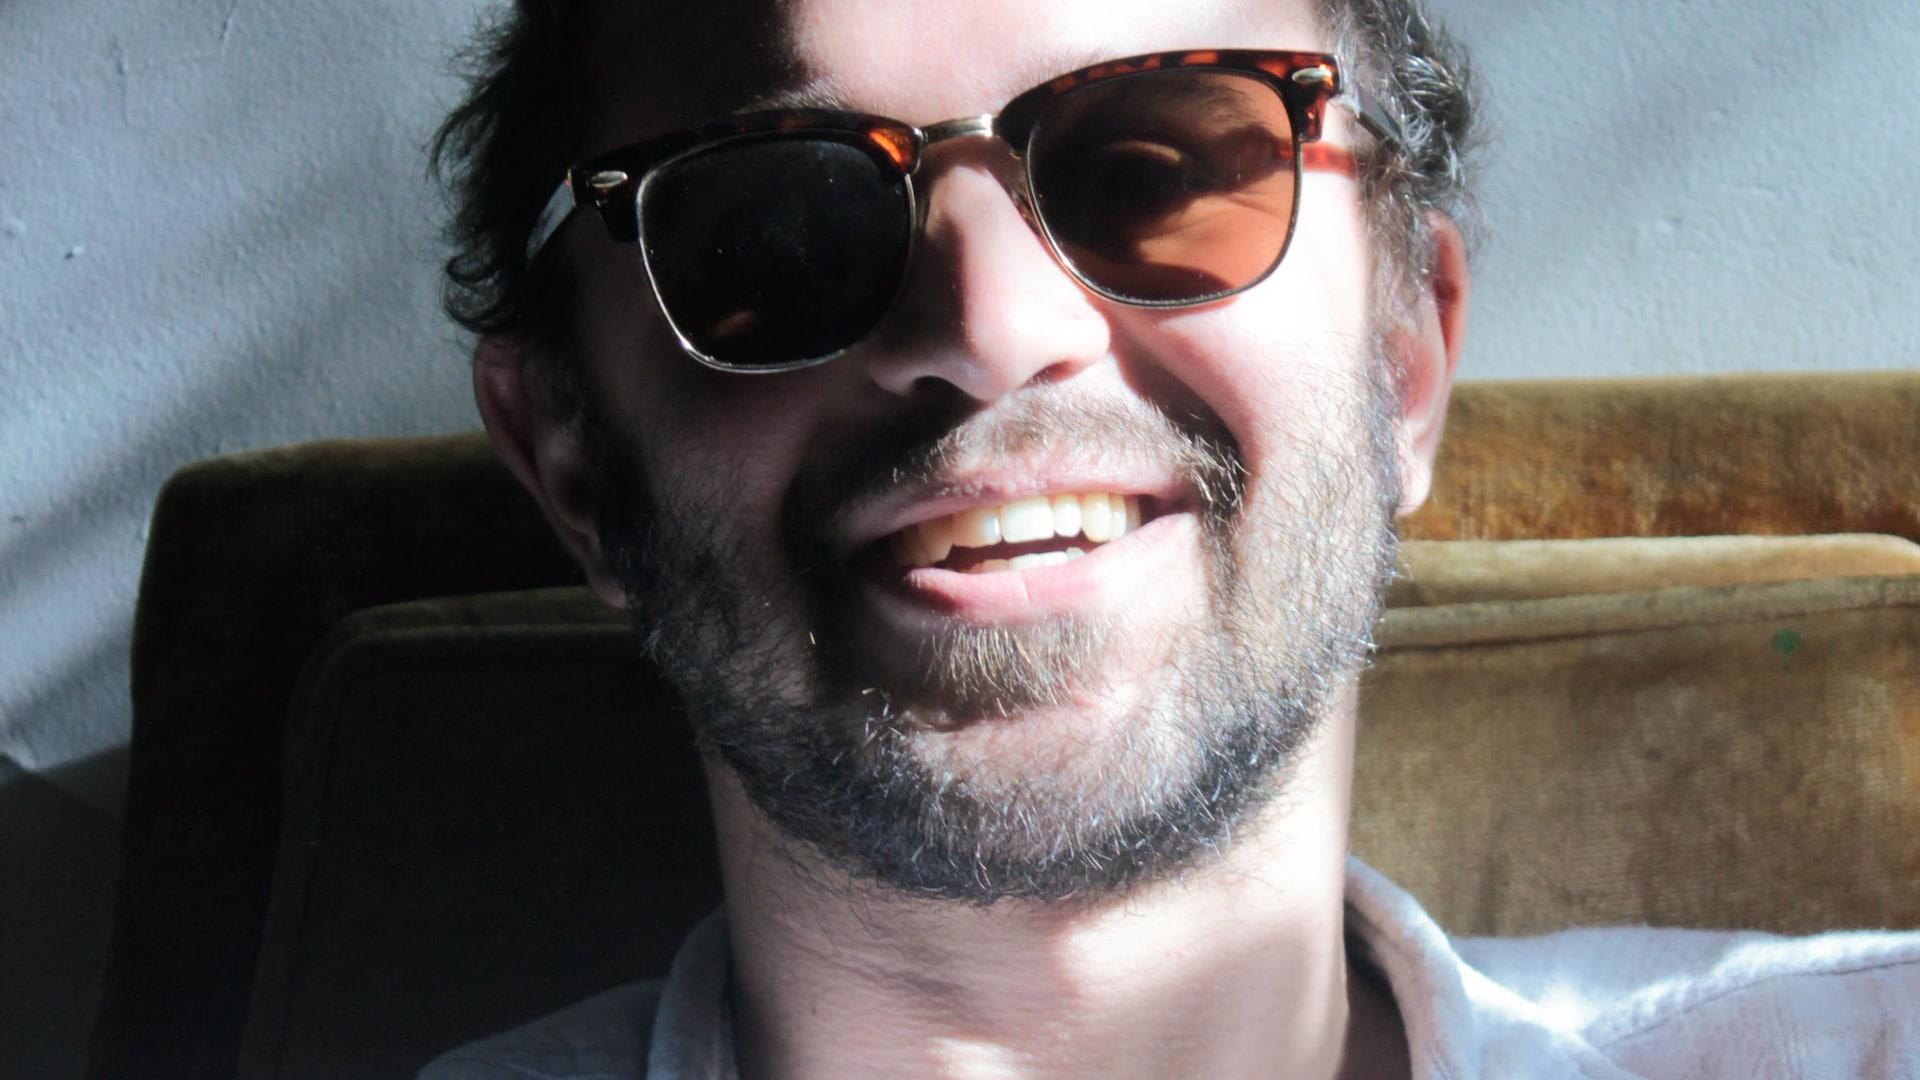 Portrait en couleur d'Olyvier Leroux-Picard, souriant, avec des lunettes de soleil.